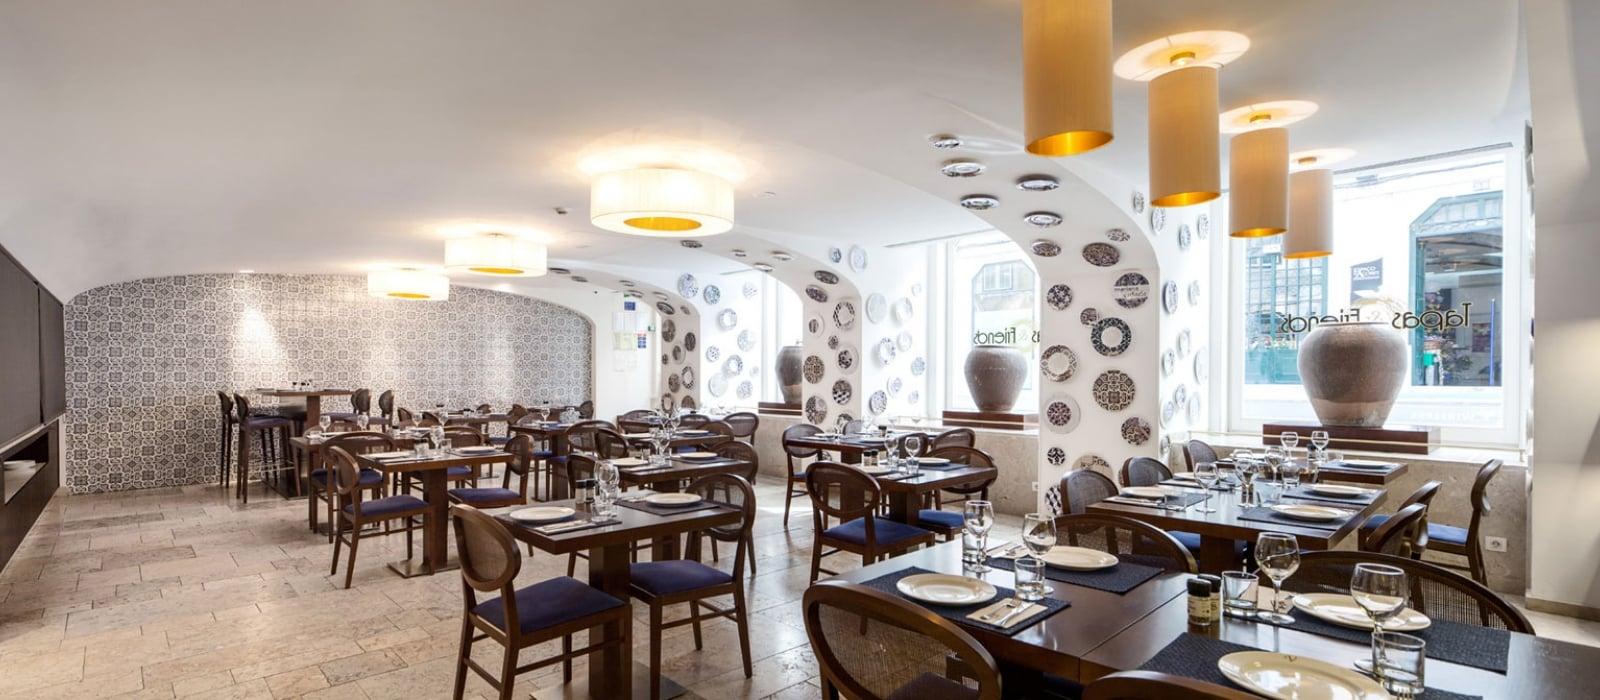 Servicios Hotel Lisboa Baixa - Vincci Hoteles - Comercio 36